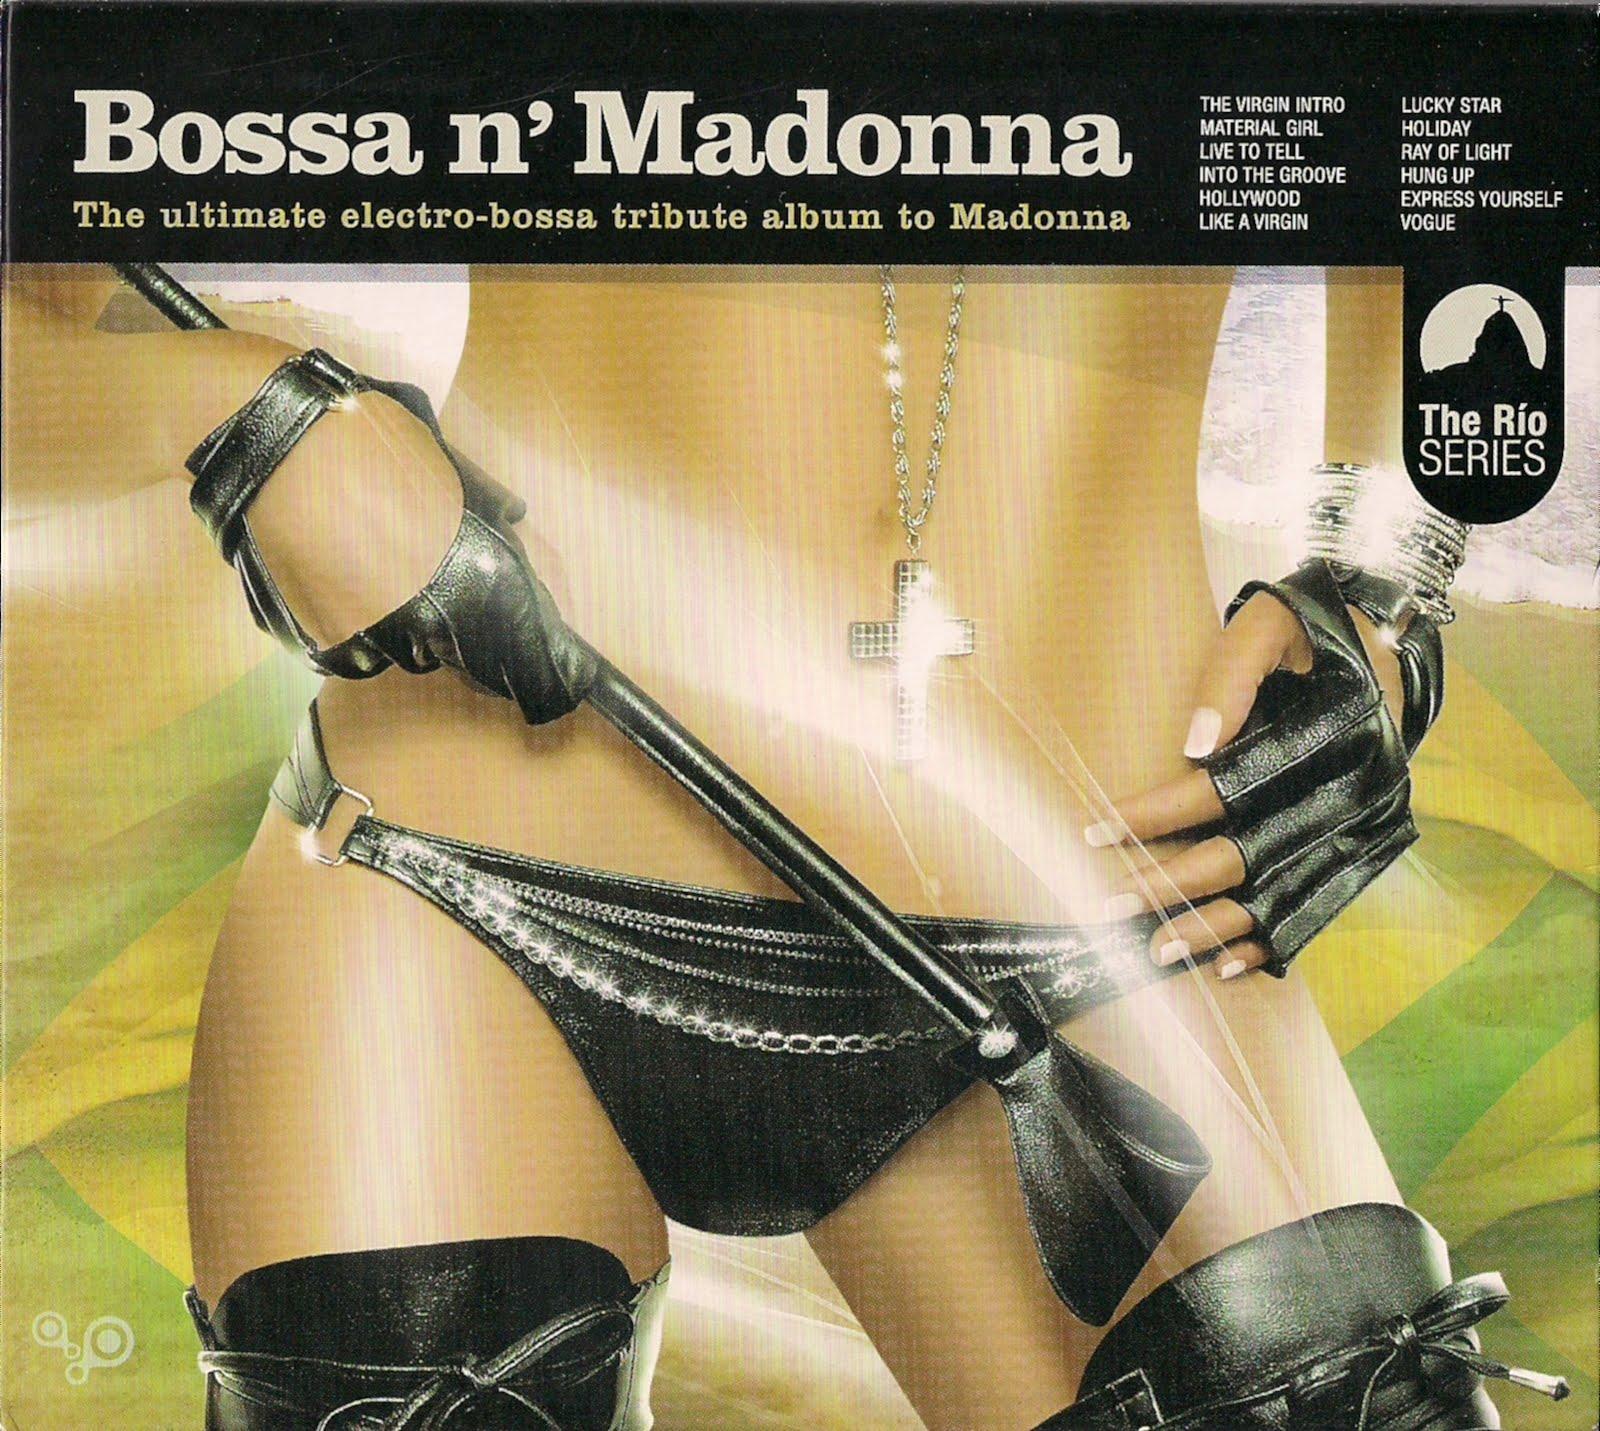 http://3.bp.blogspot.com/-aC---mxVn7M/Tc3ExcxAexI/AAAAAAAAGDA/pusMFBDENVo/s1600/BossaN+Madonna+%25282010%2529.jpg